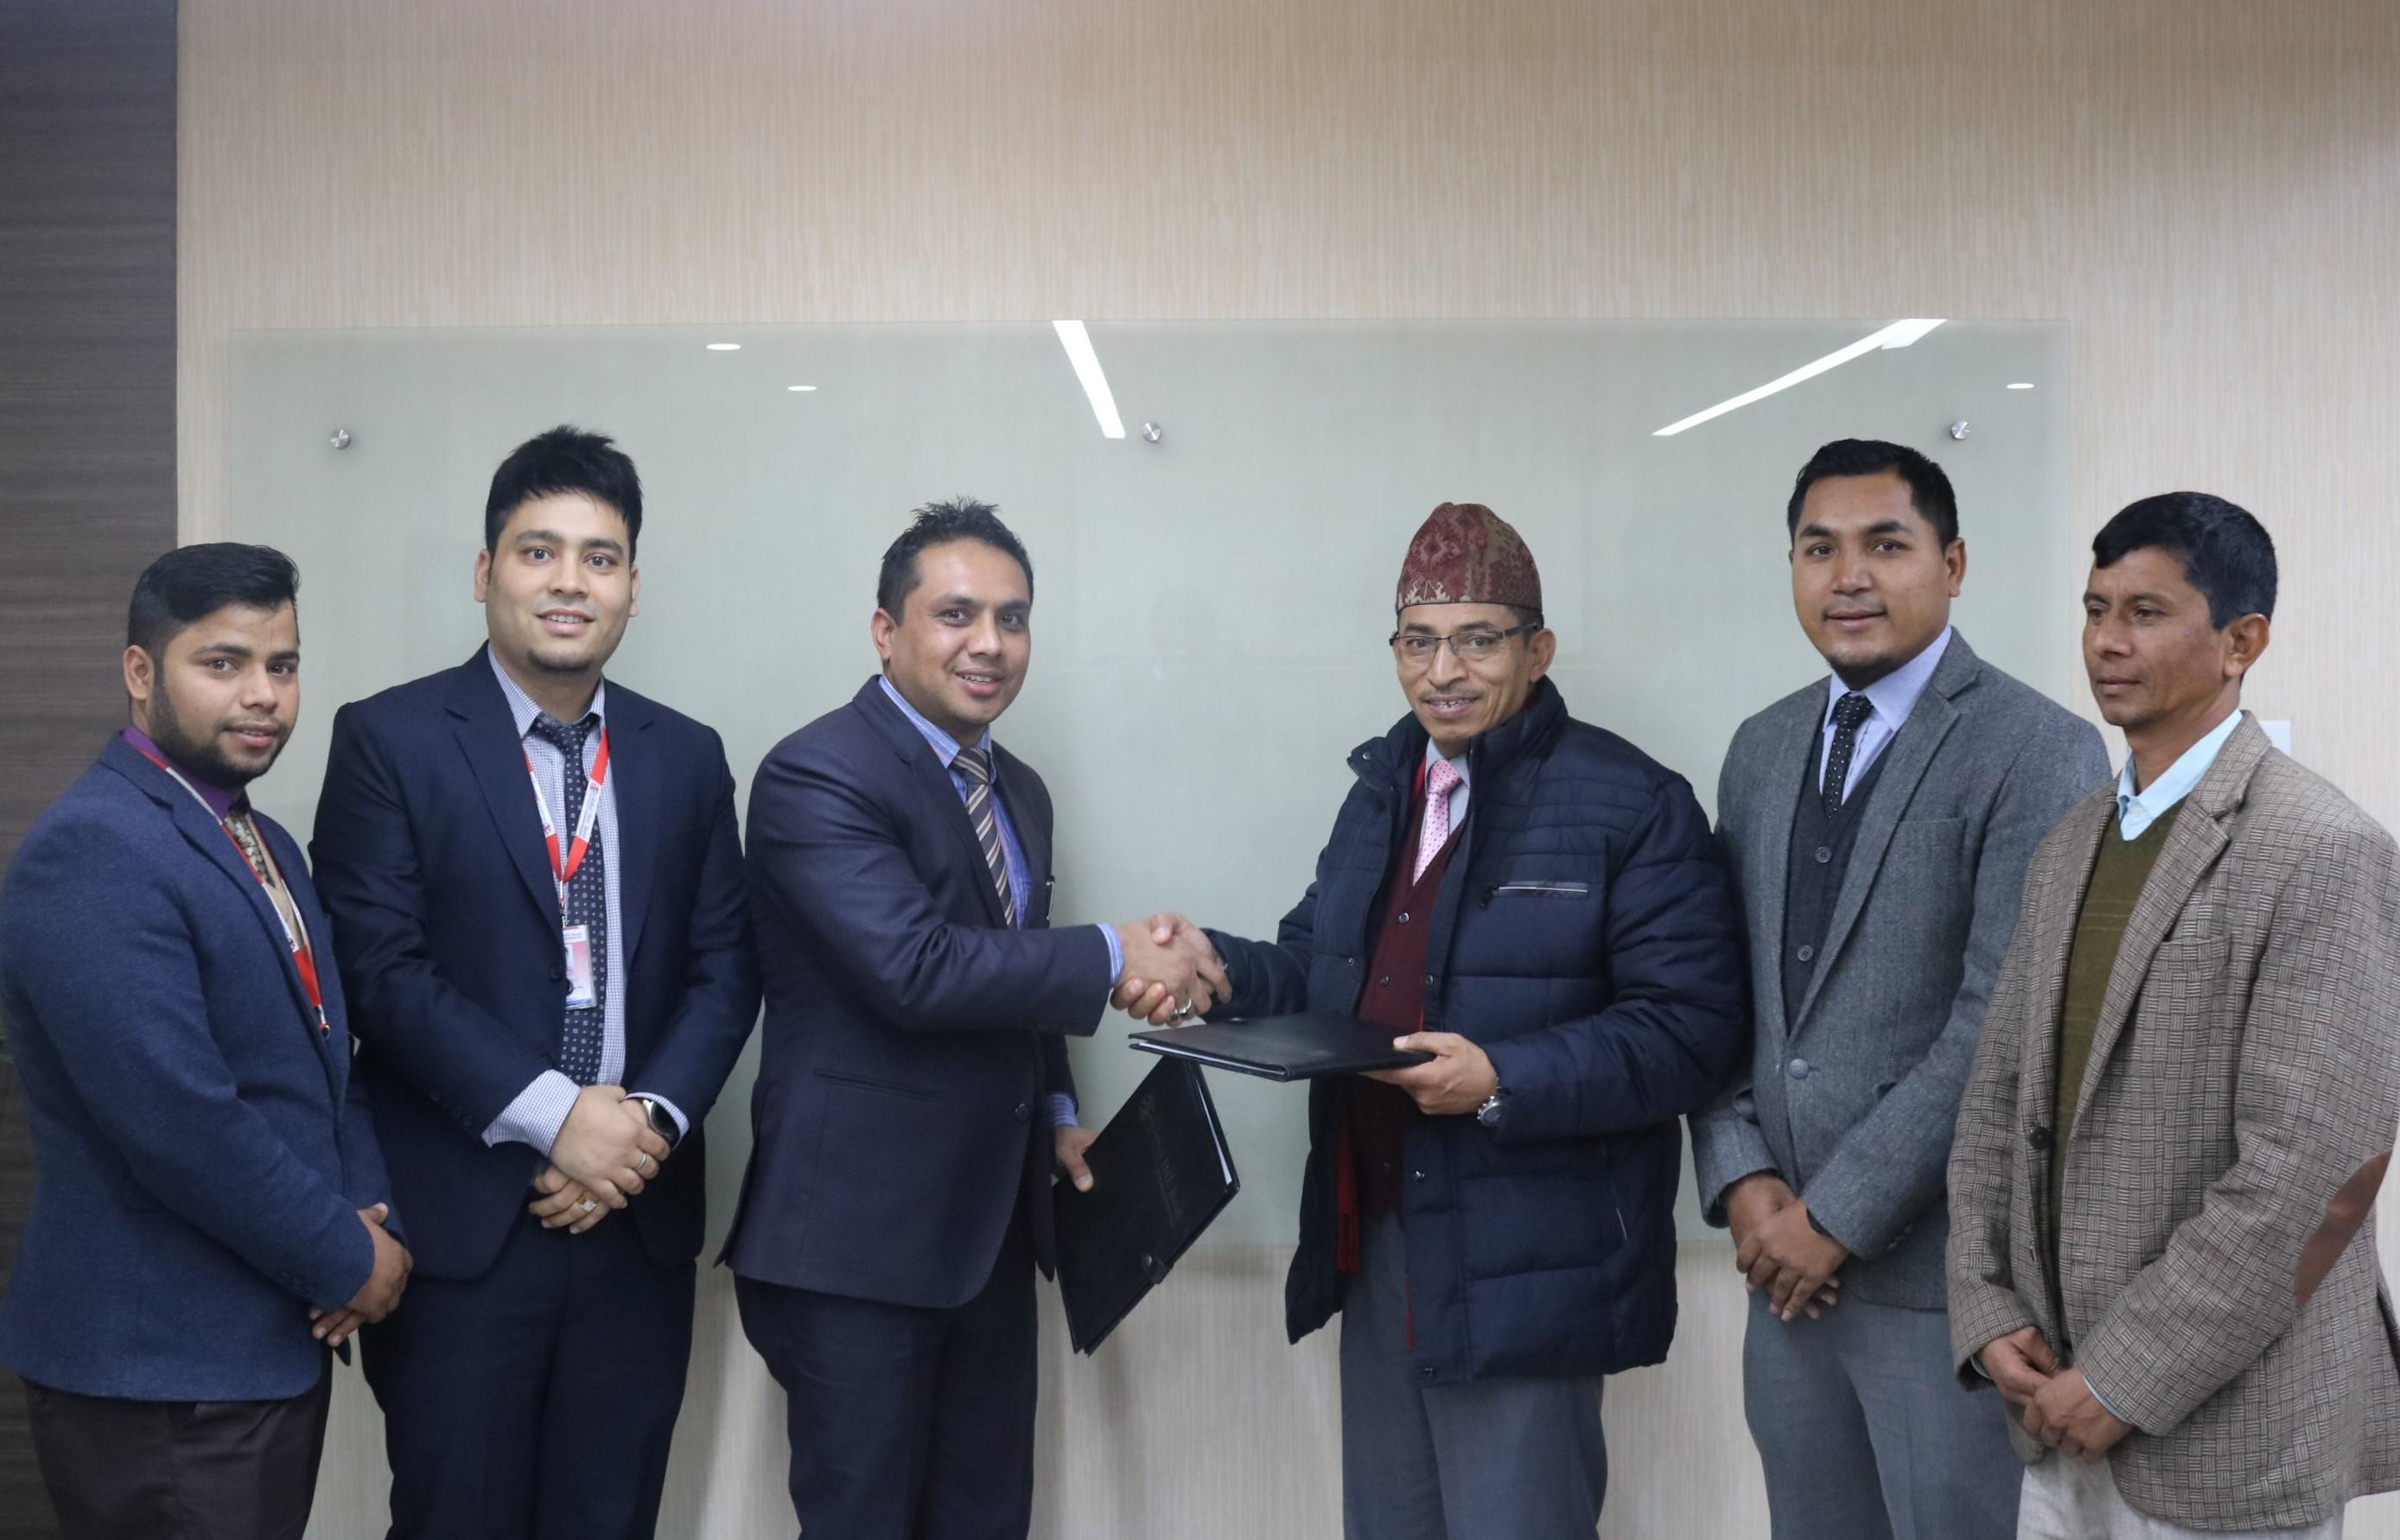 ग्लोबल आईएमई बैंक लिमिटेड र काठमाडौं भ्याली हस्पिटल प्रालिबीच सम्झौता